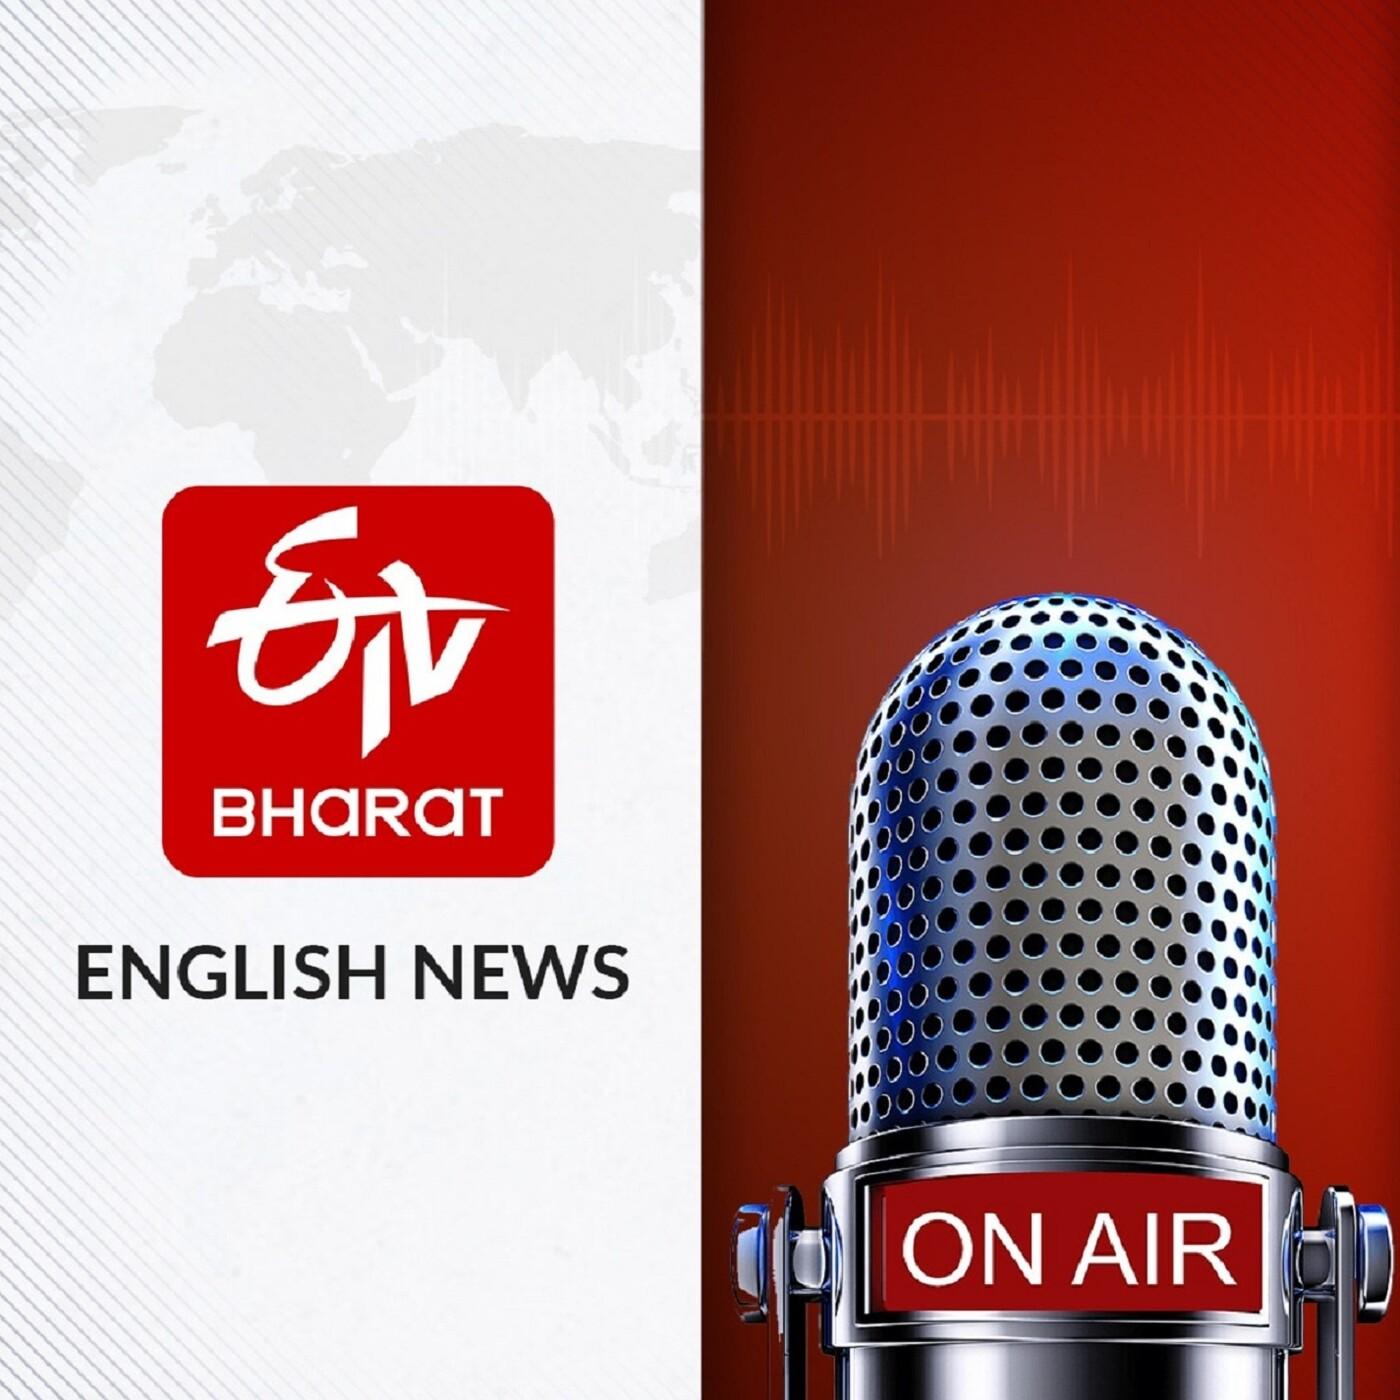 English News October 20 2020 7 am|ETV Bharat English|PM Modi Meeting|Harsh Vardhan|Telangana Rain |I